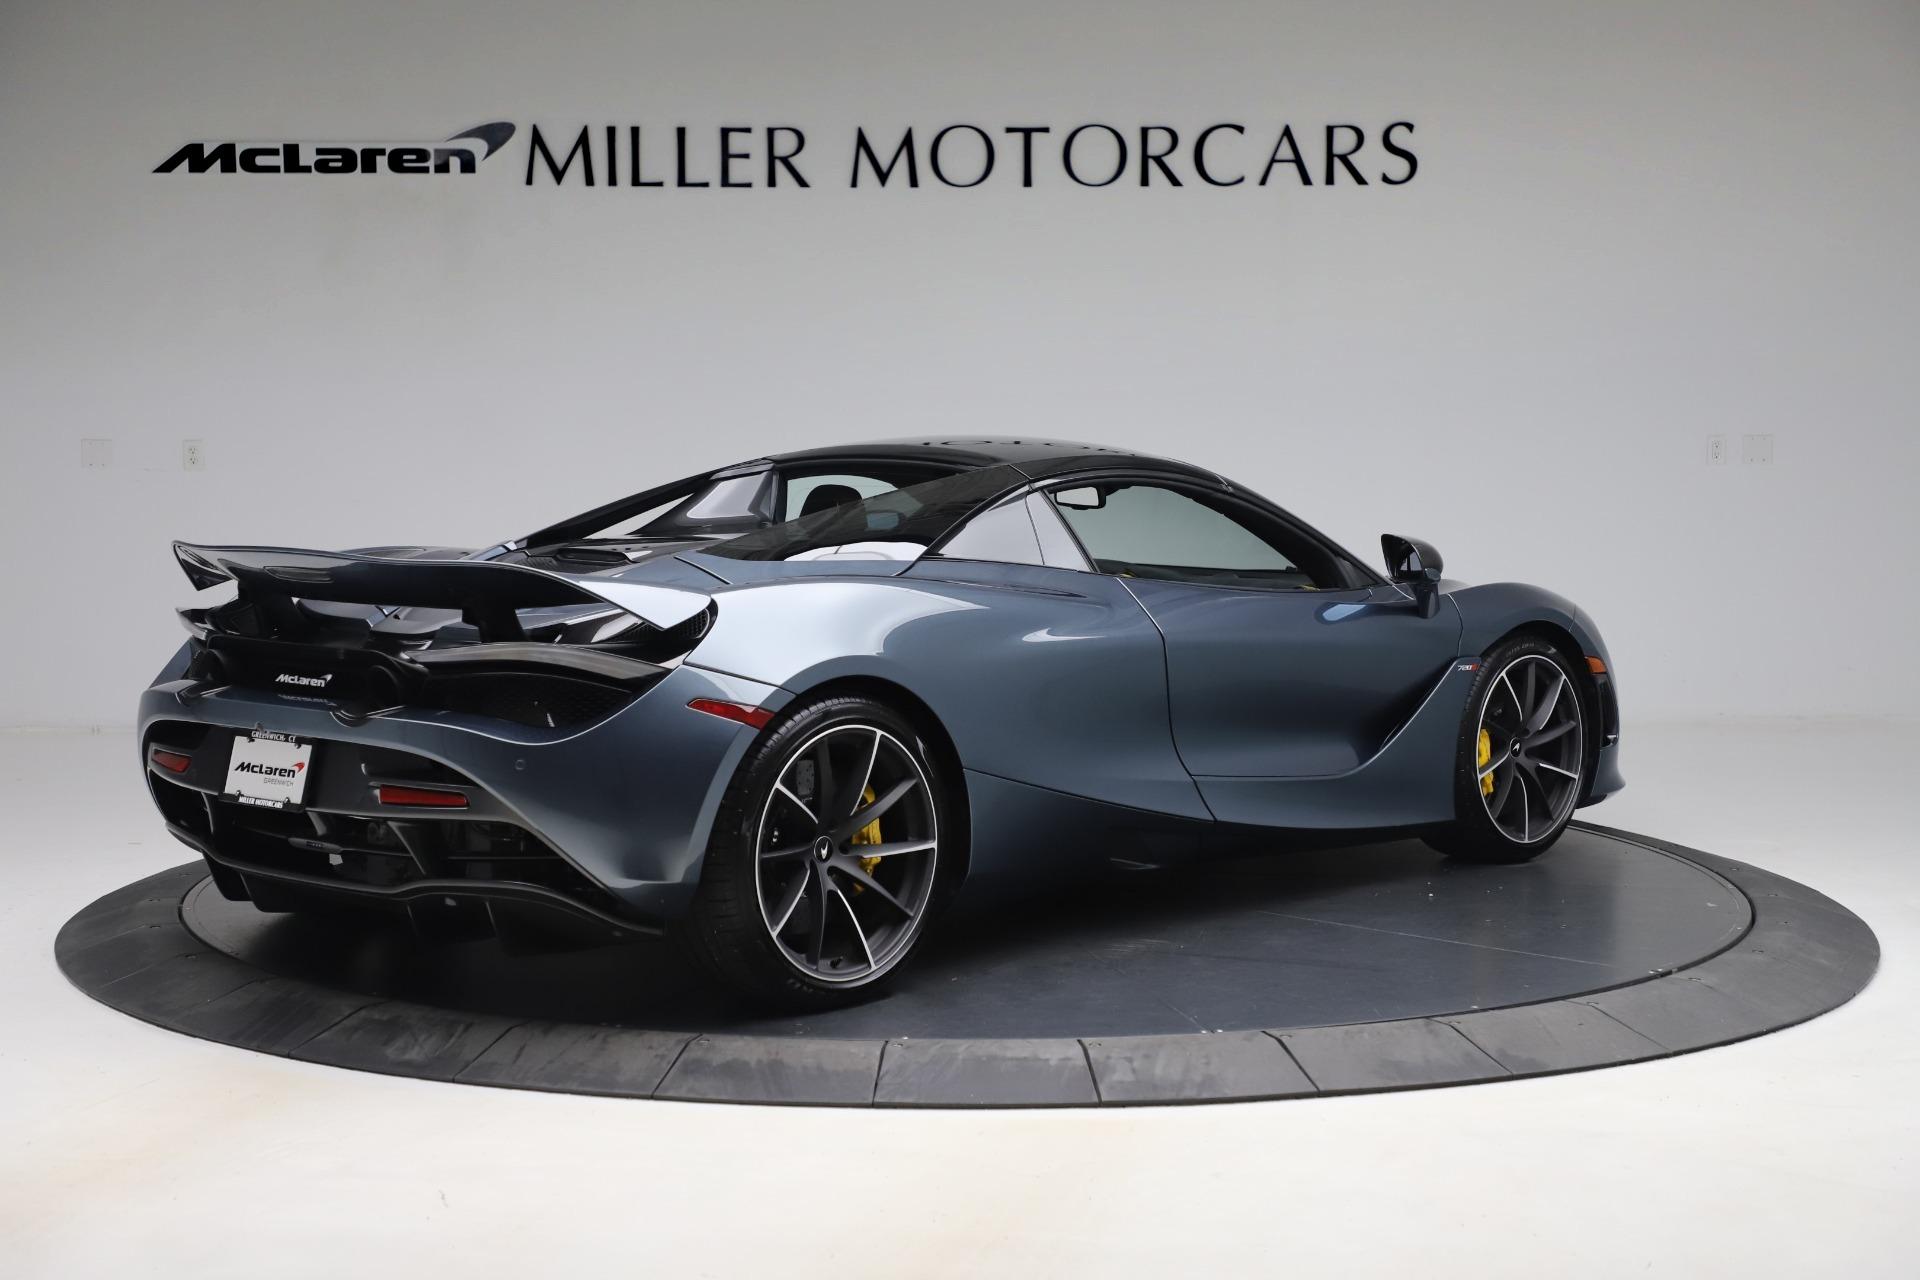 Used-2020-McLaren-720S-Spider-Convertible